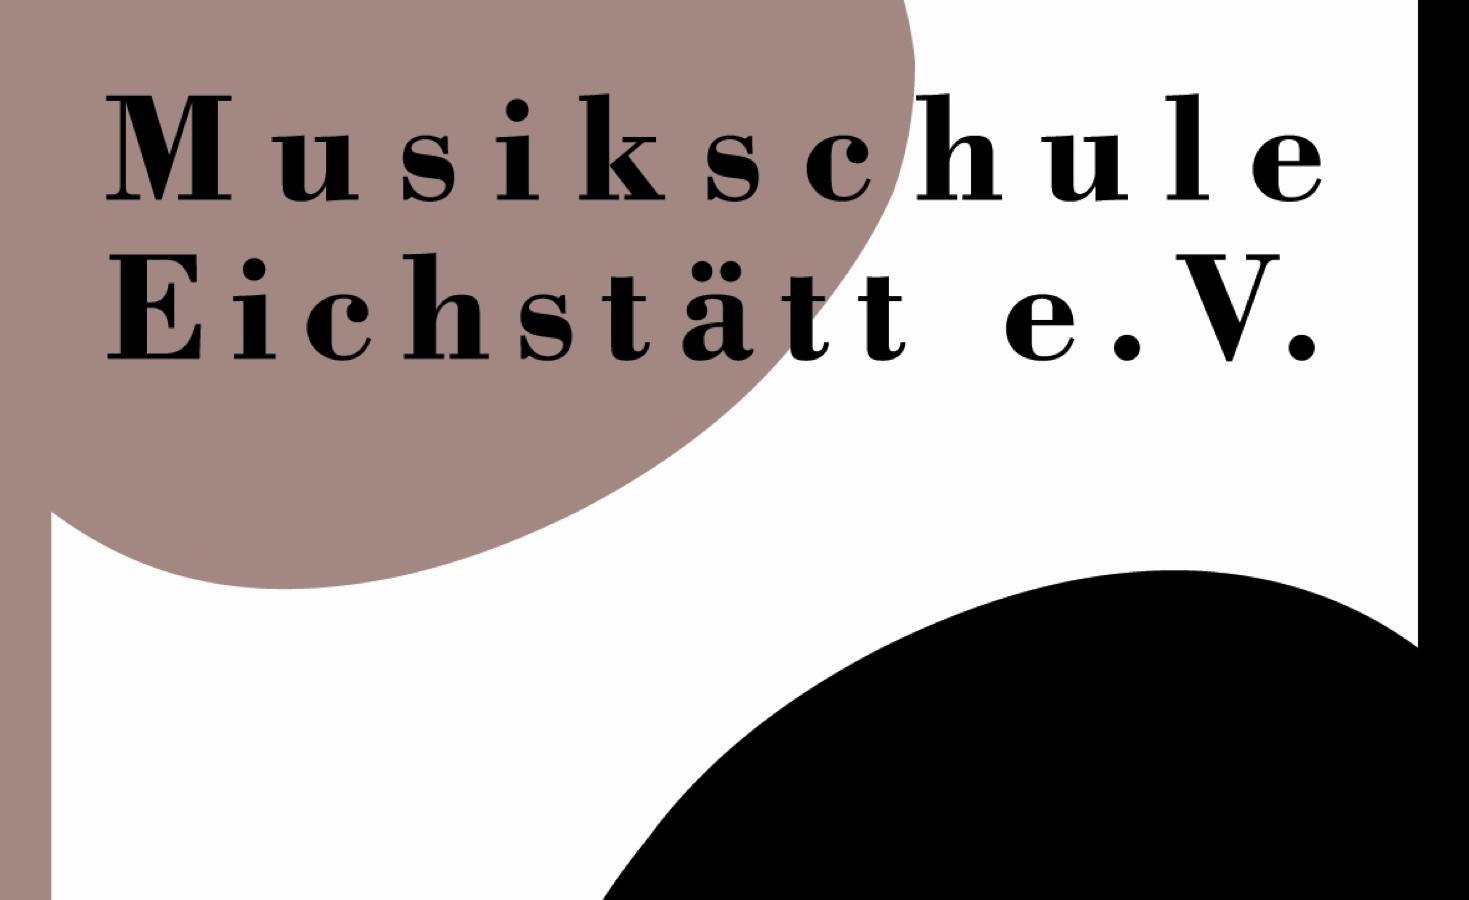 Musikschule Eichstätt e.V.